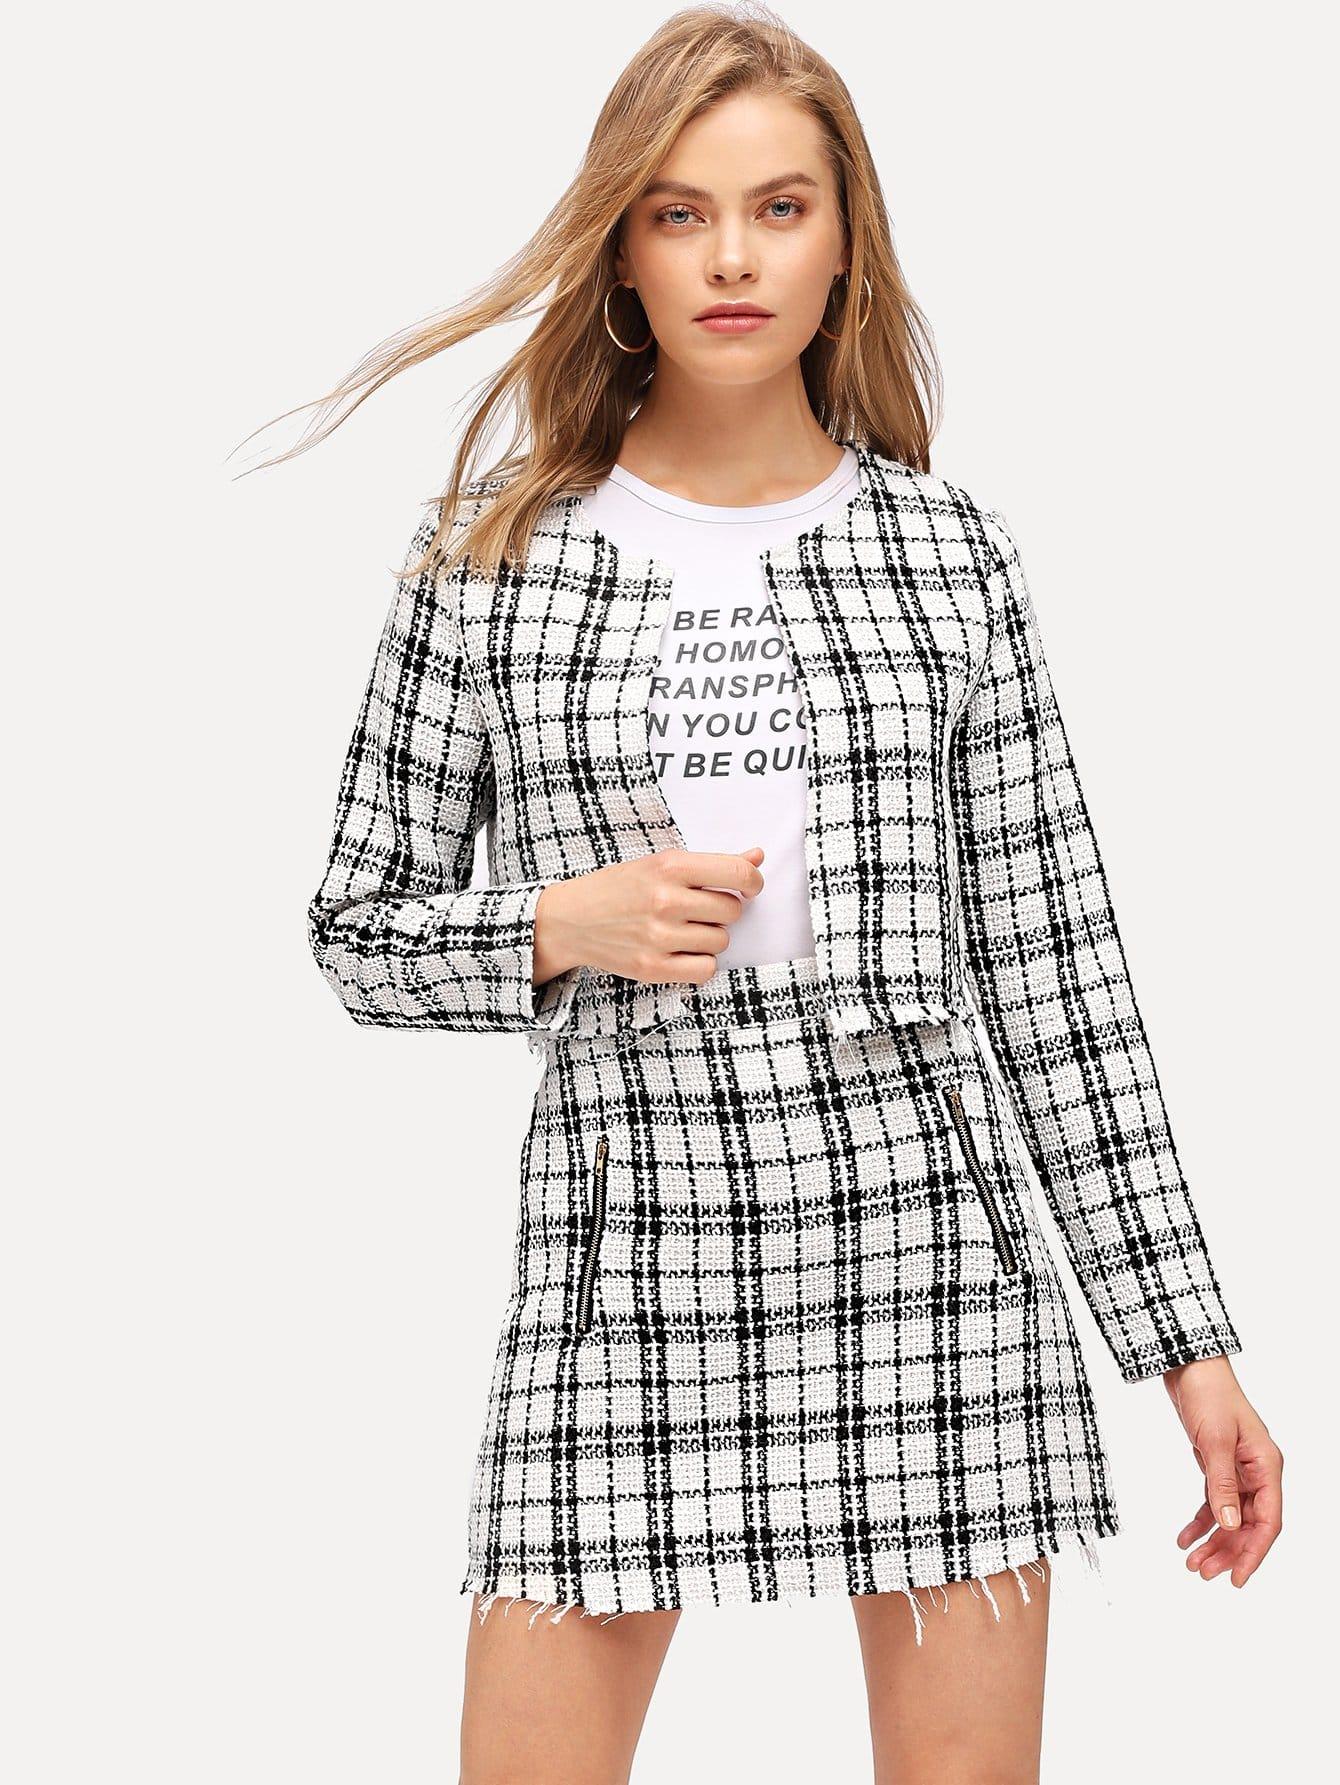 Фото - Пальто в клетку и юбка с необработанным низом от SheIn цвет чёрнобелые